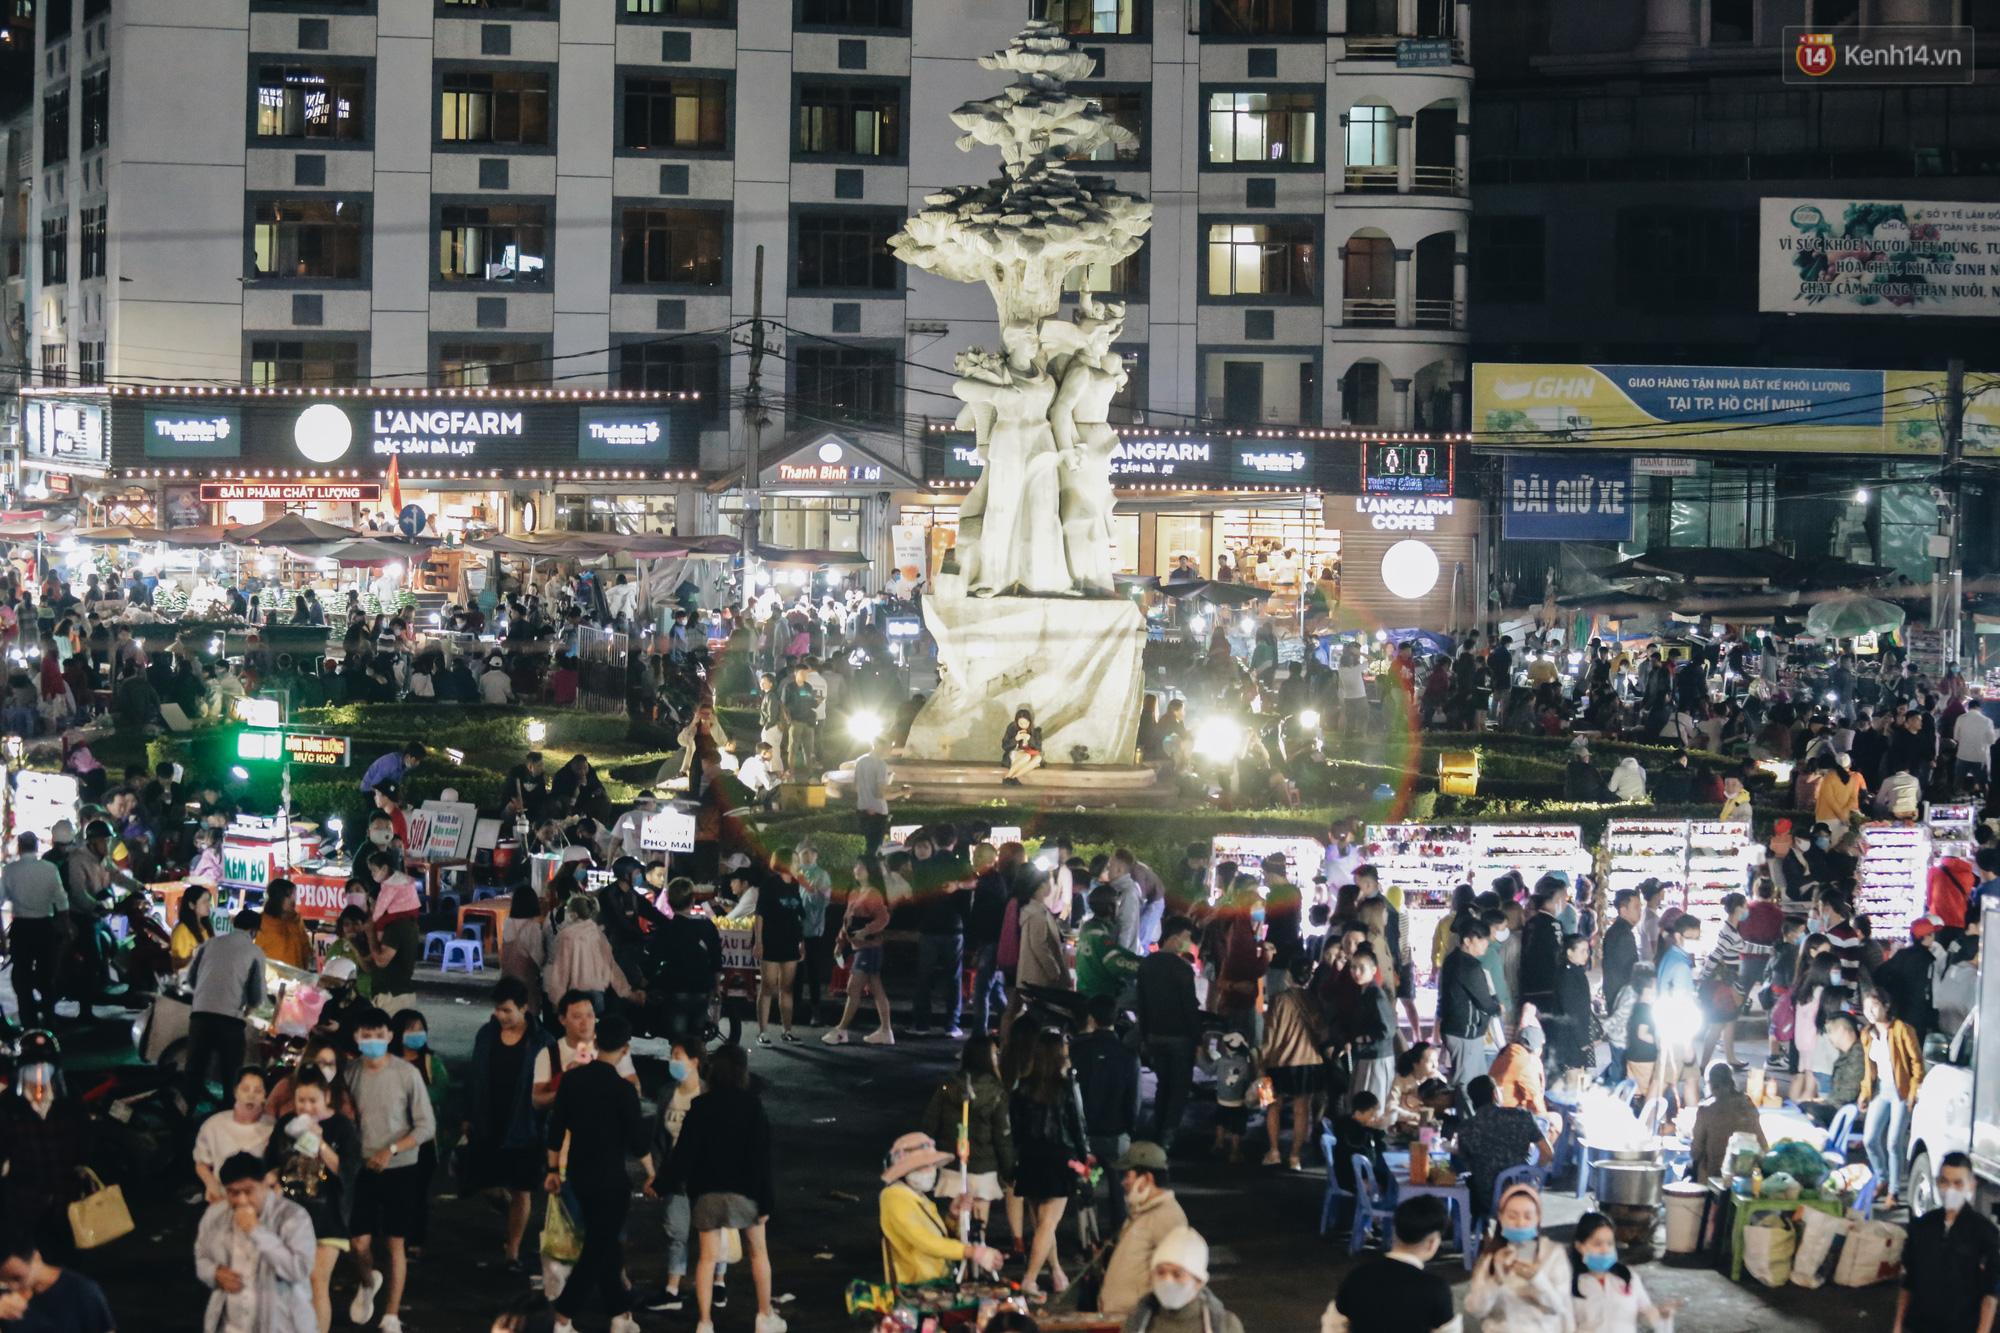 Chùm ảnh: Chợ đêm Đà Lạt không còn chỗ trống, khách du lịch ngồi la liệt từ trong ra ngoài để ăn uống dịp nghỉ lễ - Ảnh 1.